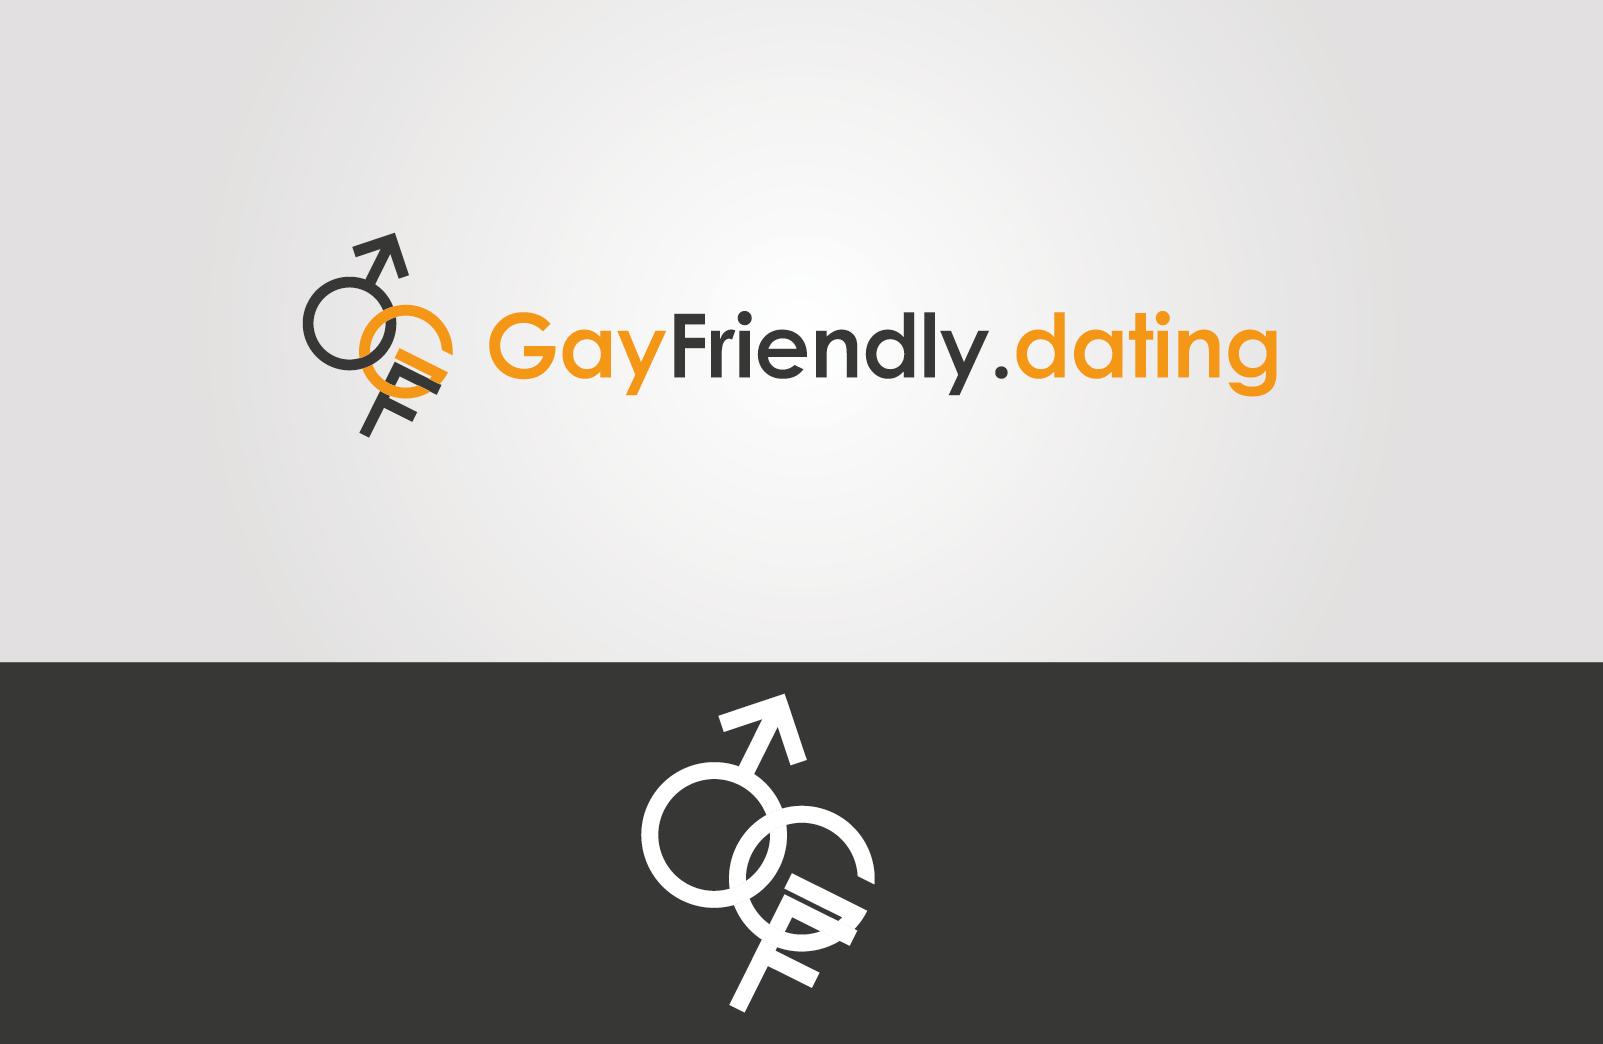 Разработать логотип для англоязычн. сайта знакомств для геев фото f_0085b4391b70231c.png